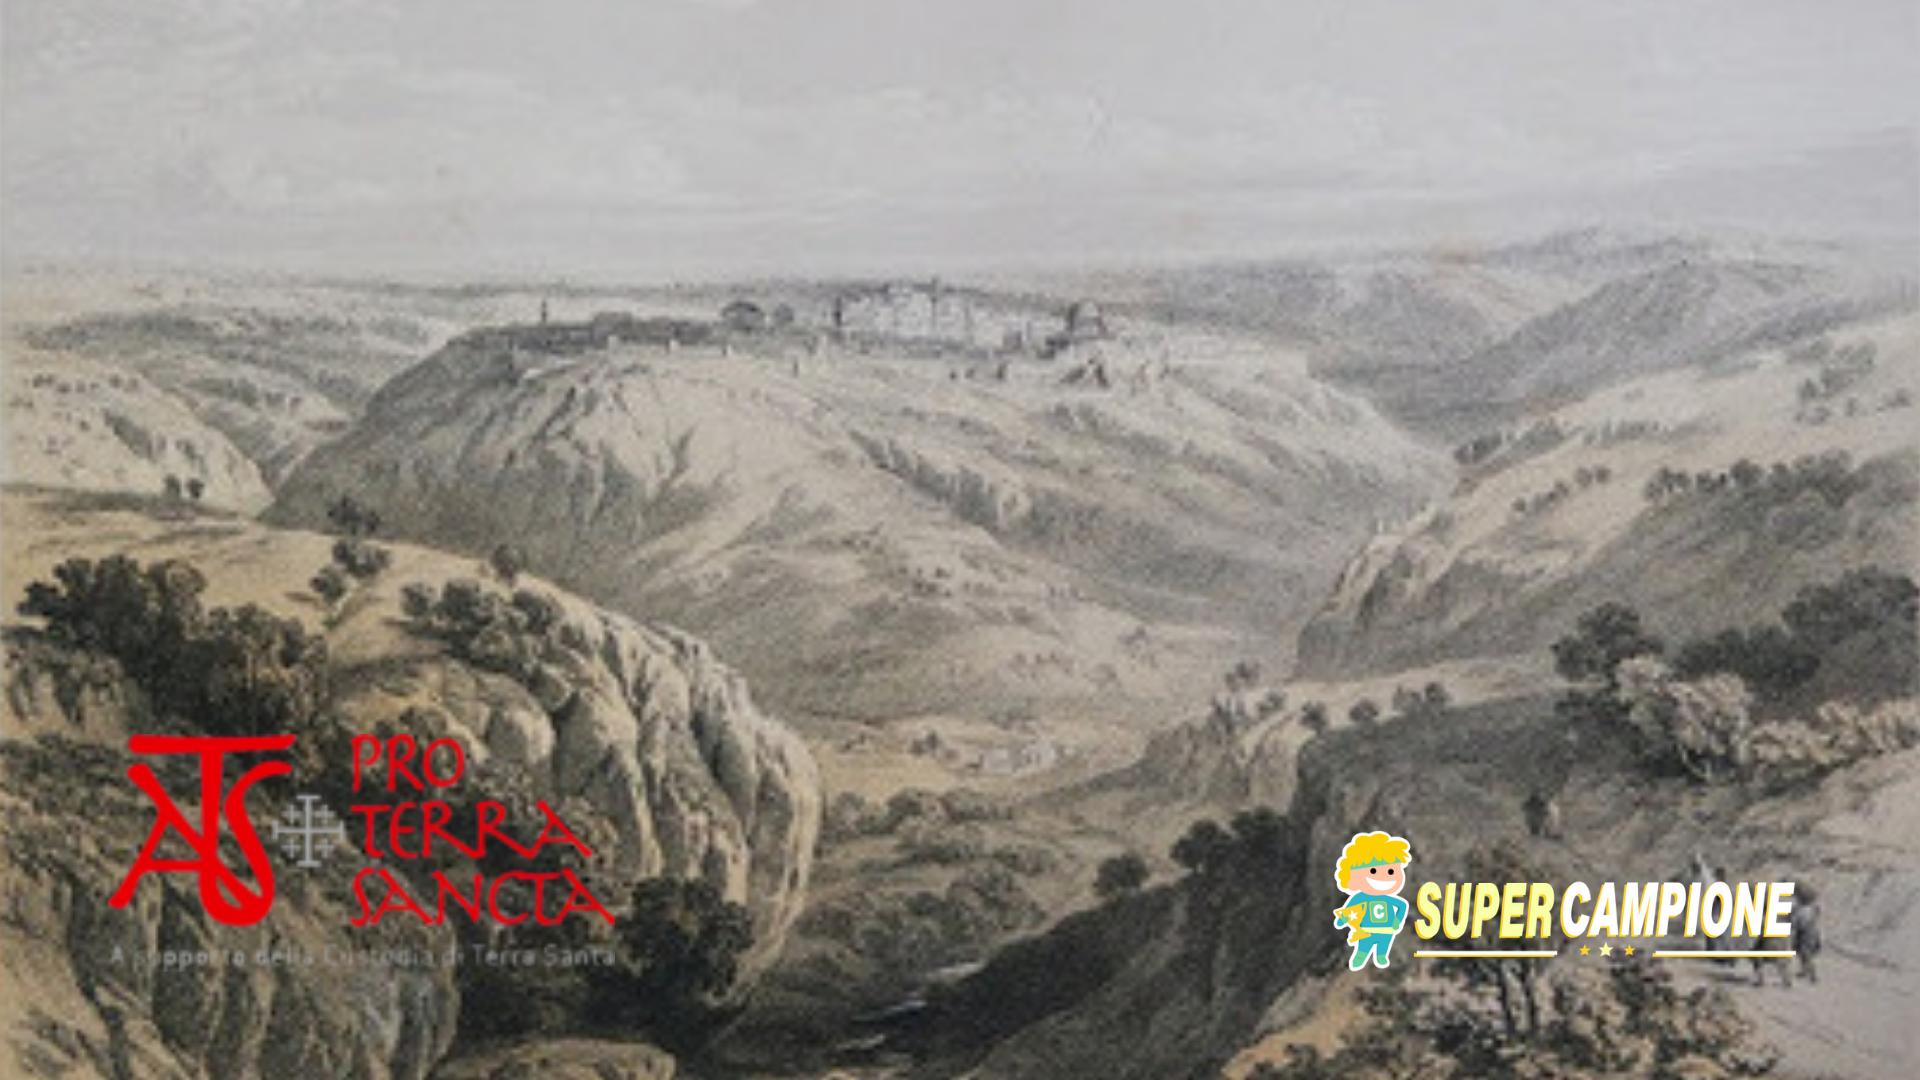 Supercampione - Campione omaggio calendario 2019 di pro Terra Sancta